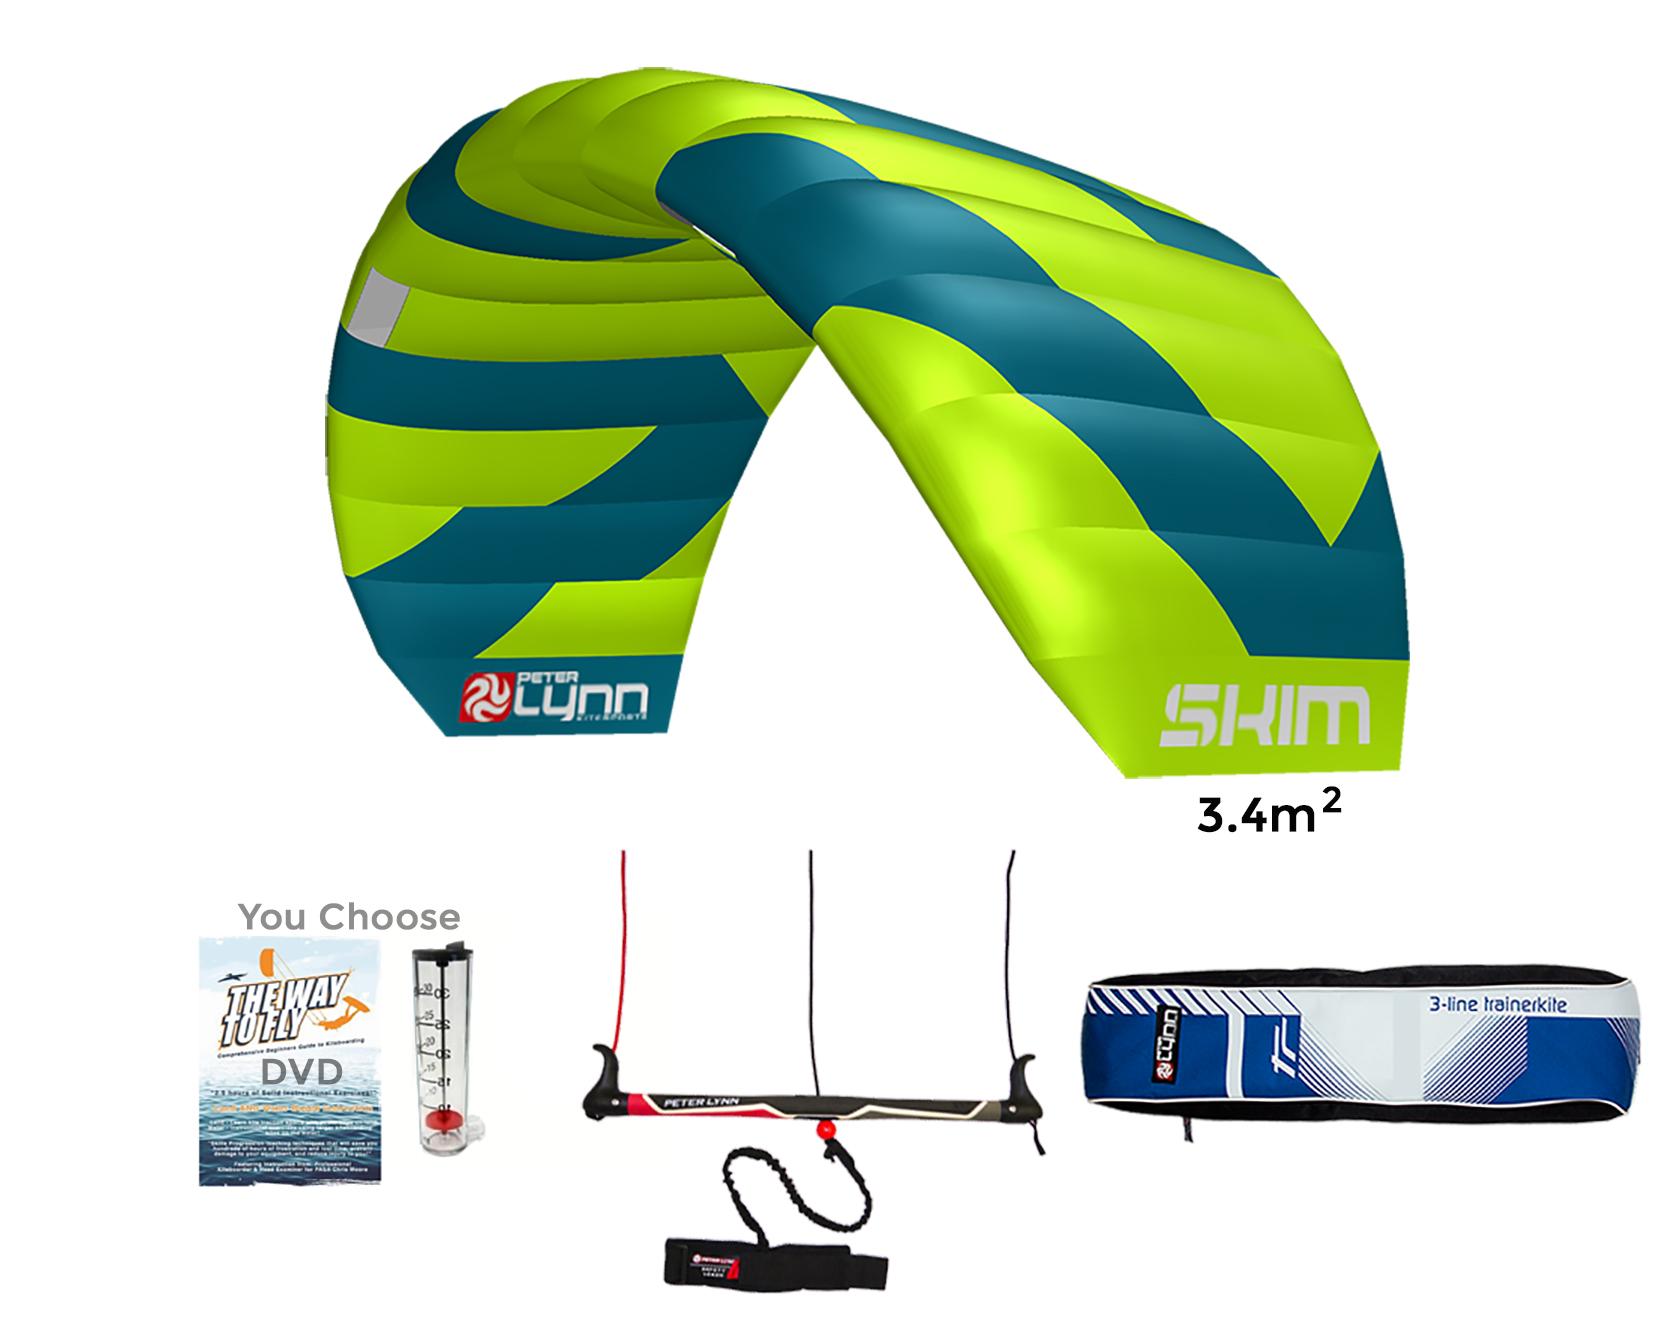 skim-3.4m-package-lg.jpg